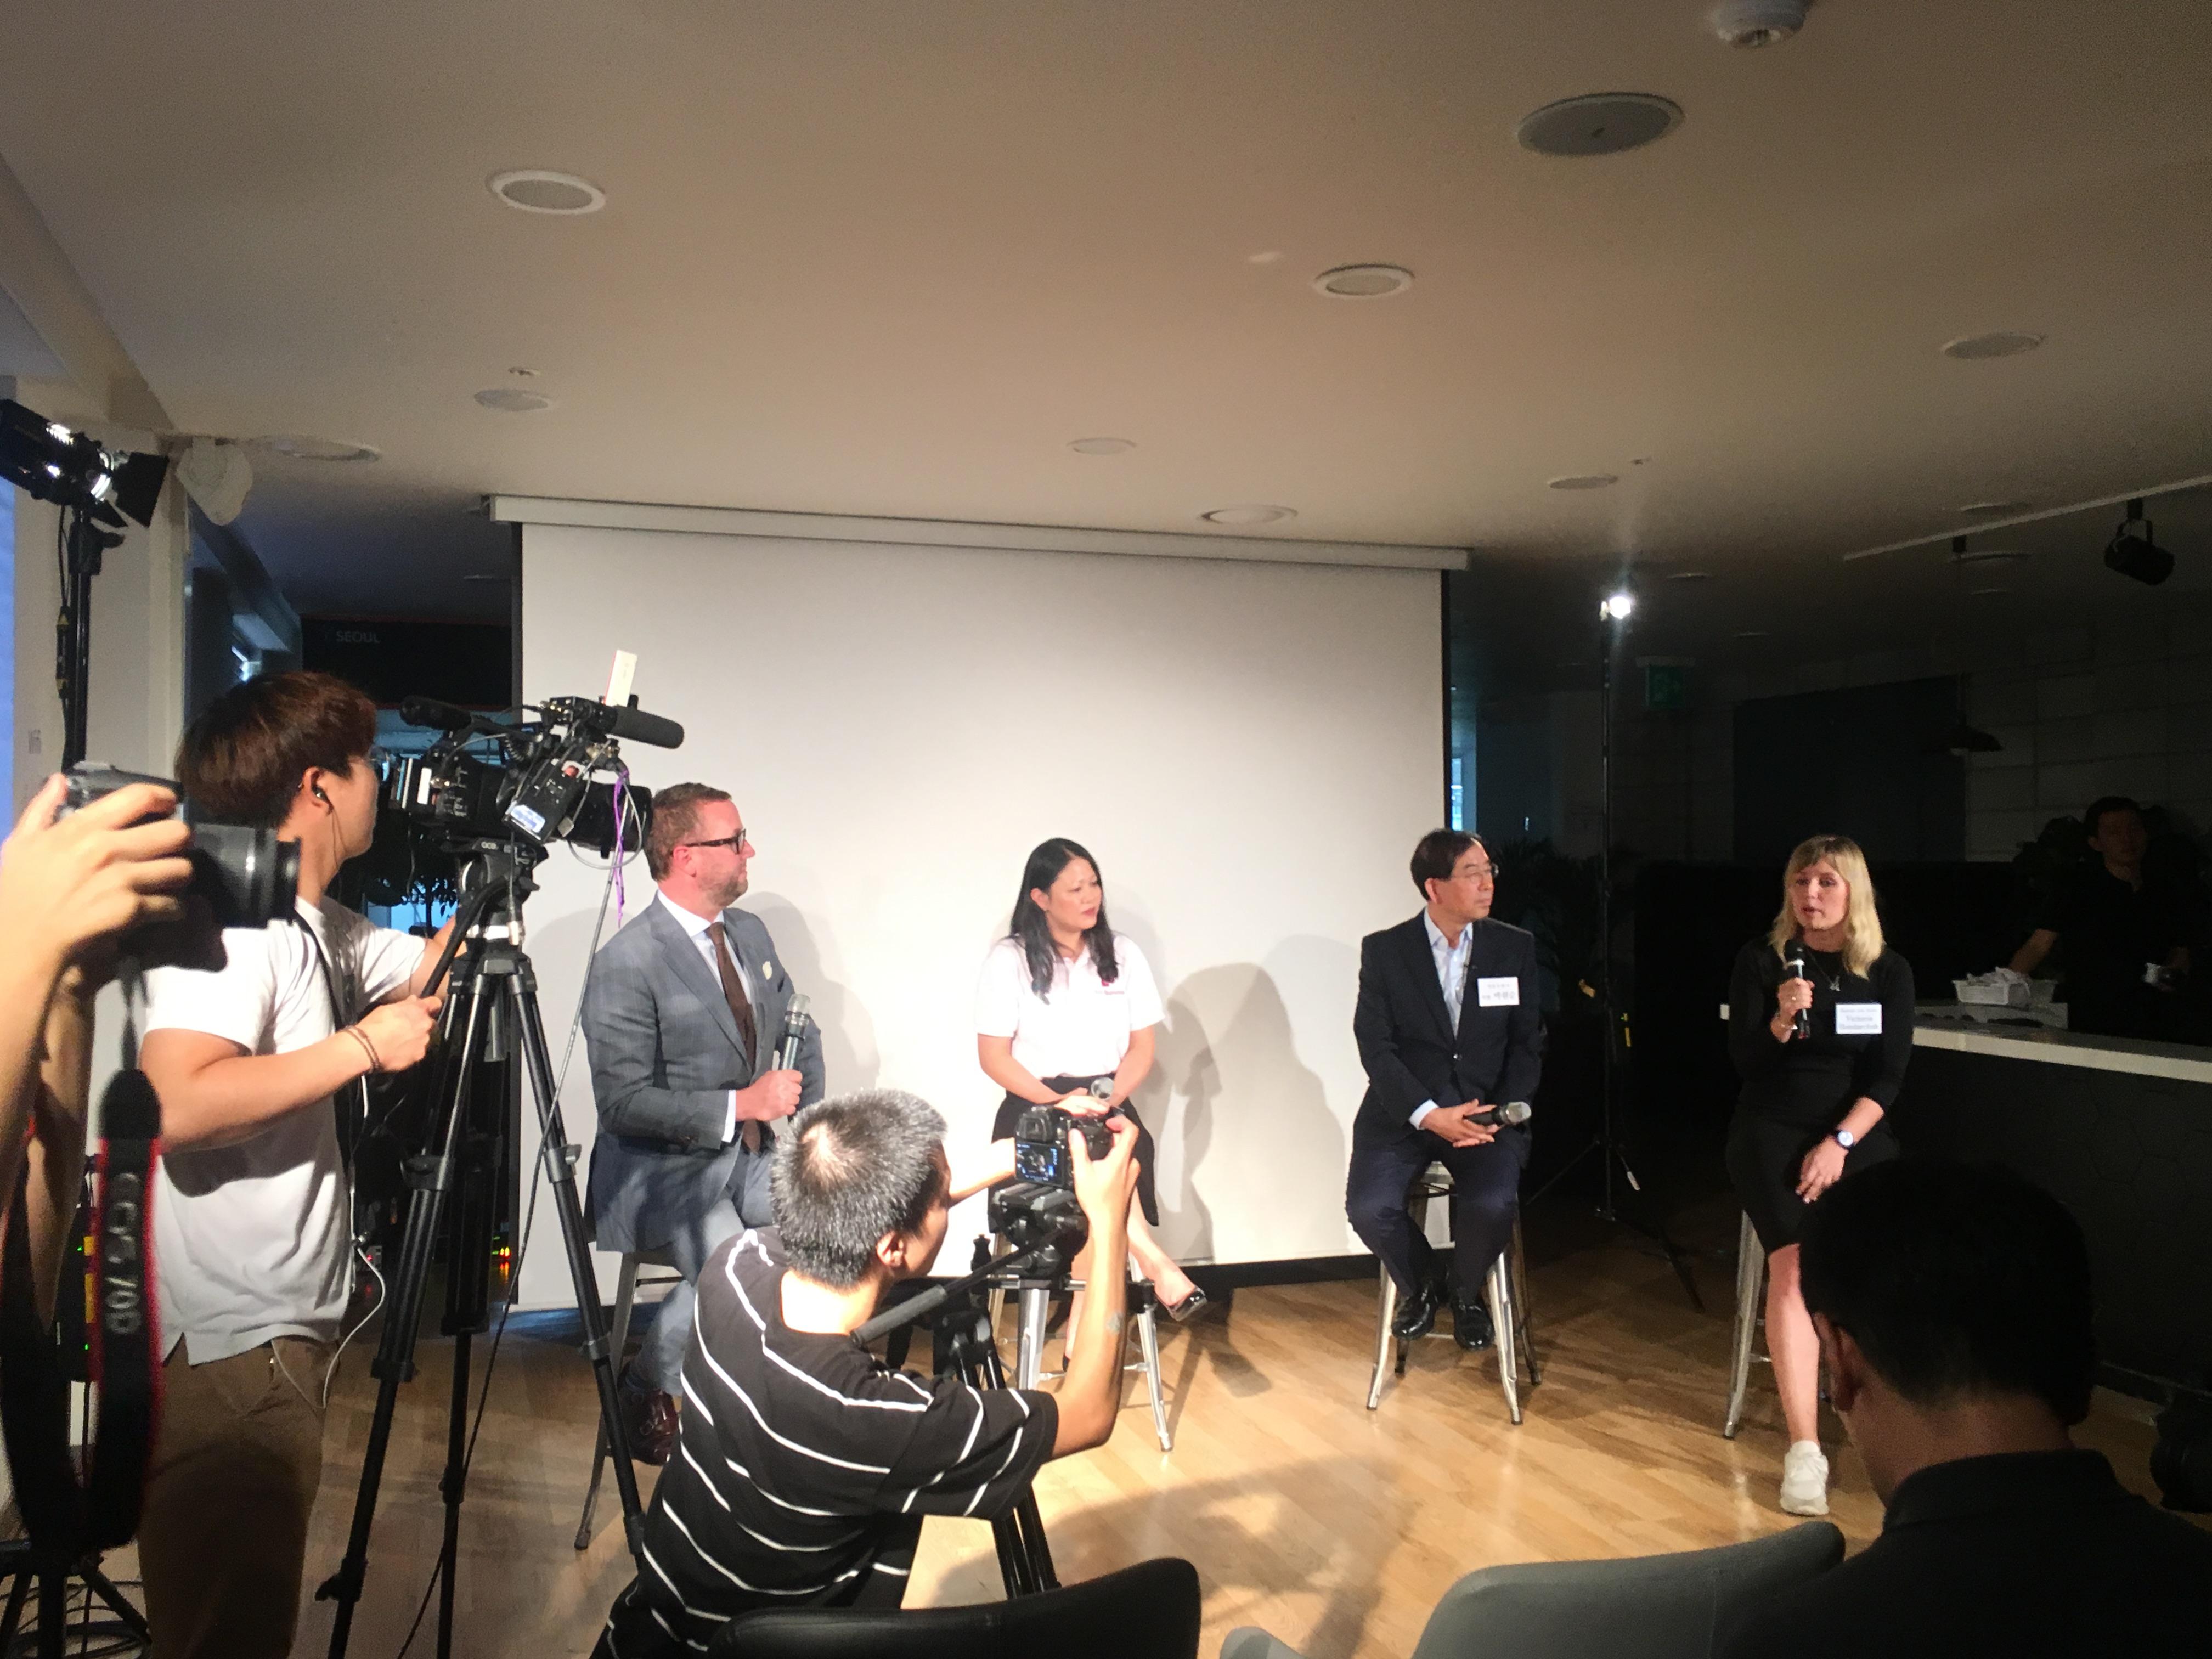 영어로 진행된 서울 글로벌 창업센터 개소식 하이라이트인 '스타트업 토크쇼'